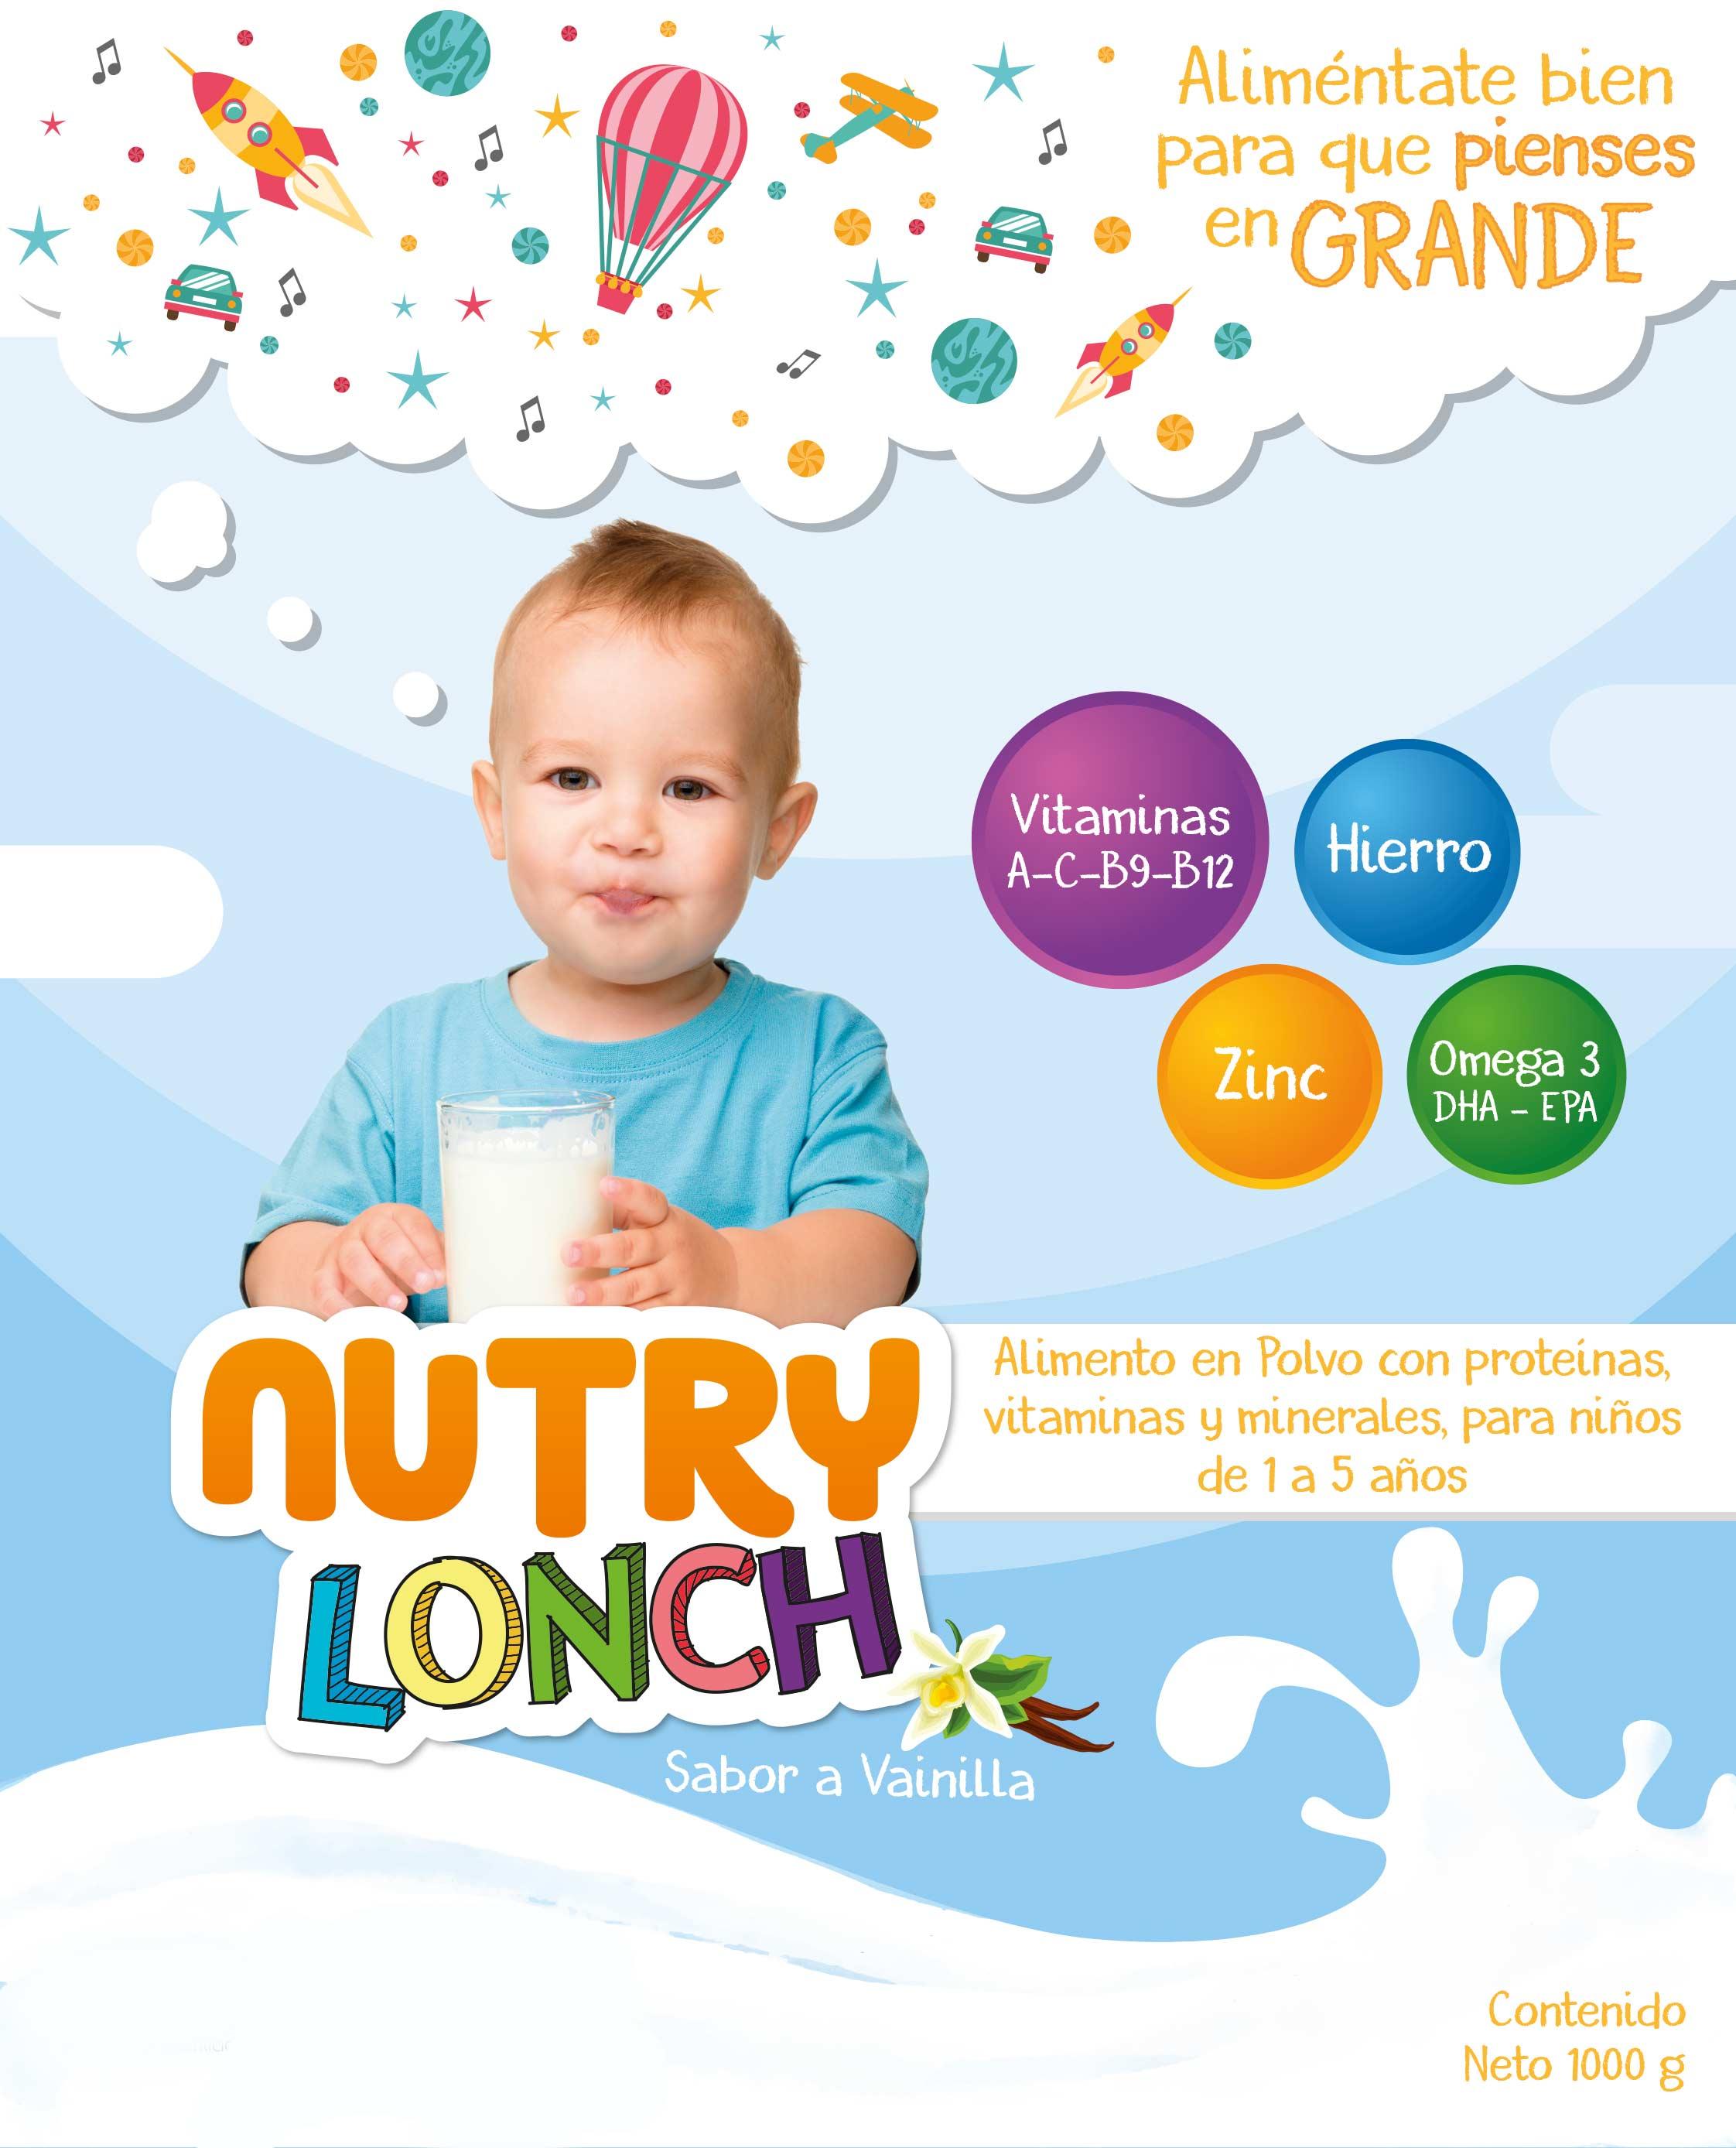 Nutry Lonch